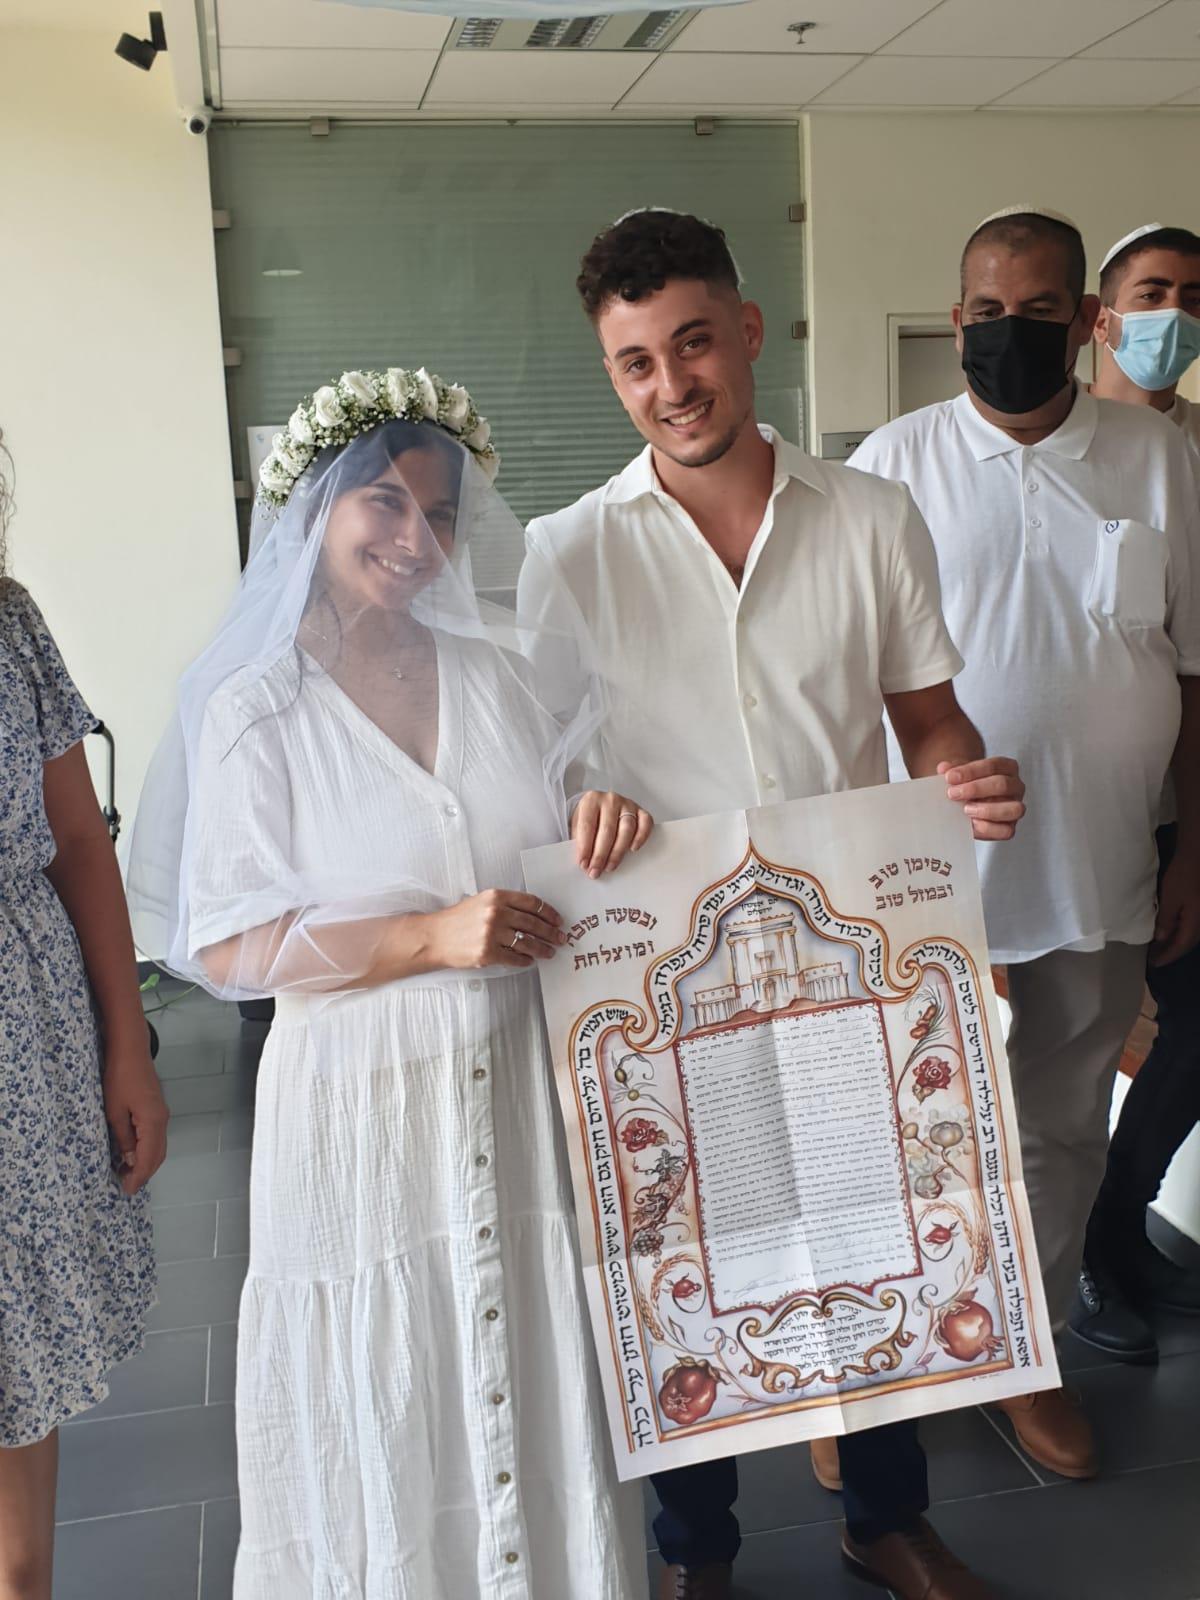 מזל טוב לדניאל אבישיד ולספיר חדג'אג', מכפר סבא שנישאו ביום ראשון באולם המועצה הדתית